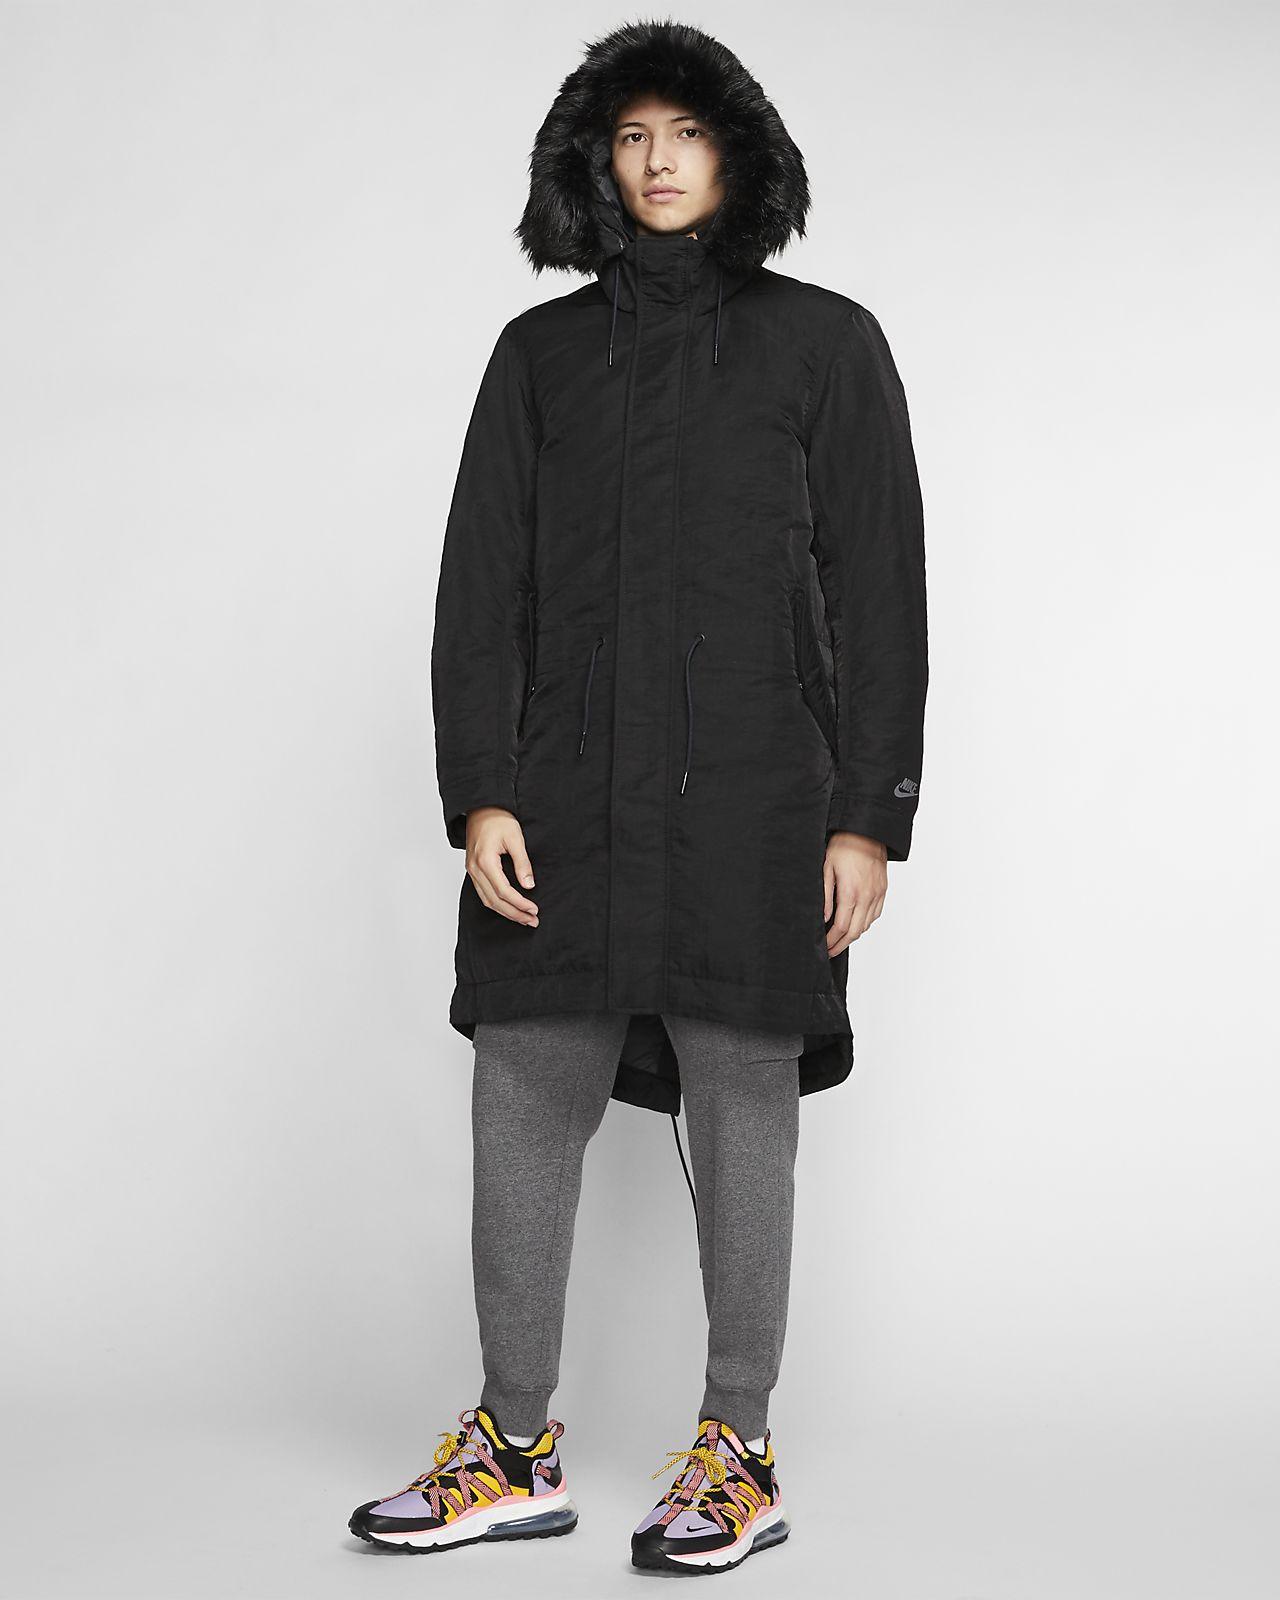 Nike Sportswear Down Fill Parka HD Jacket BlackWhite